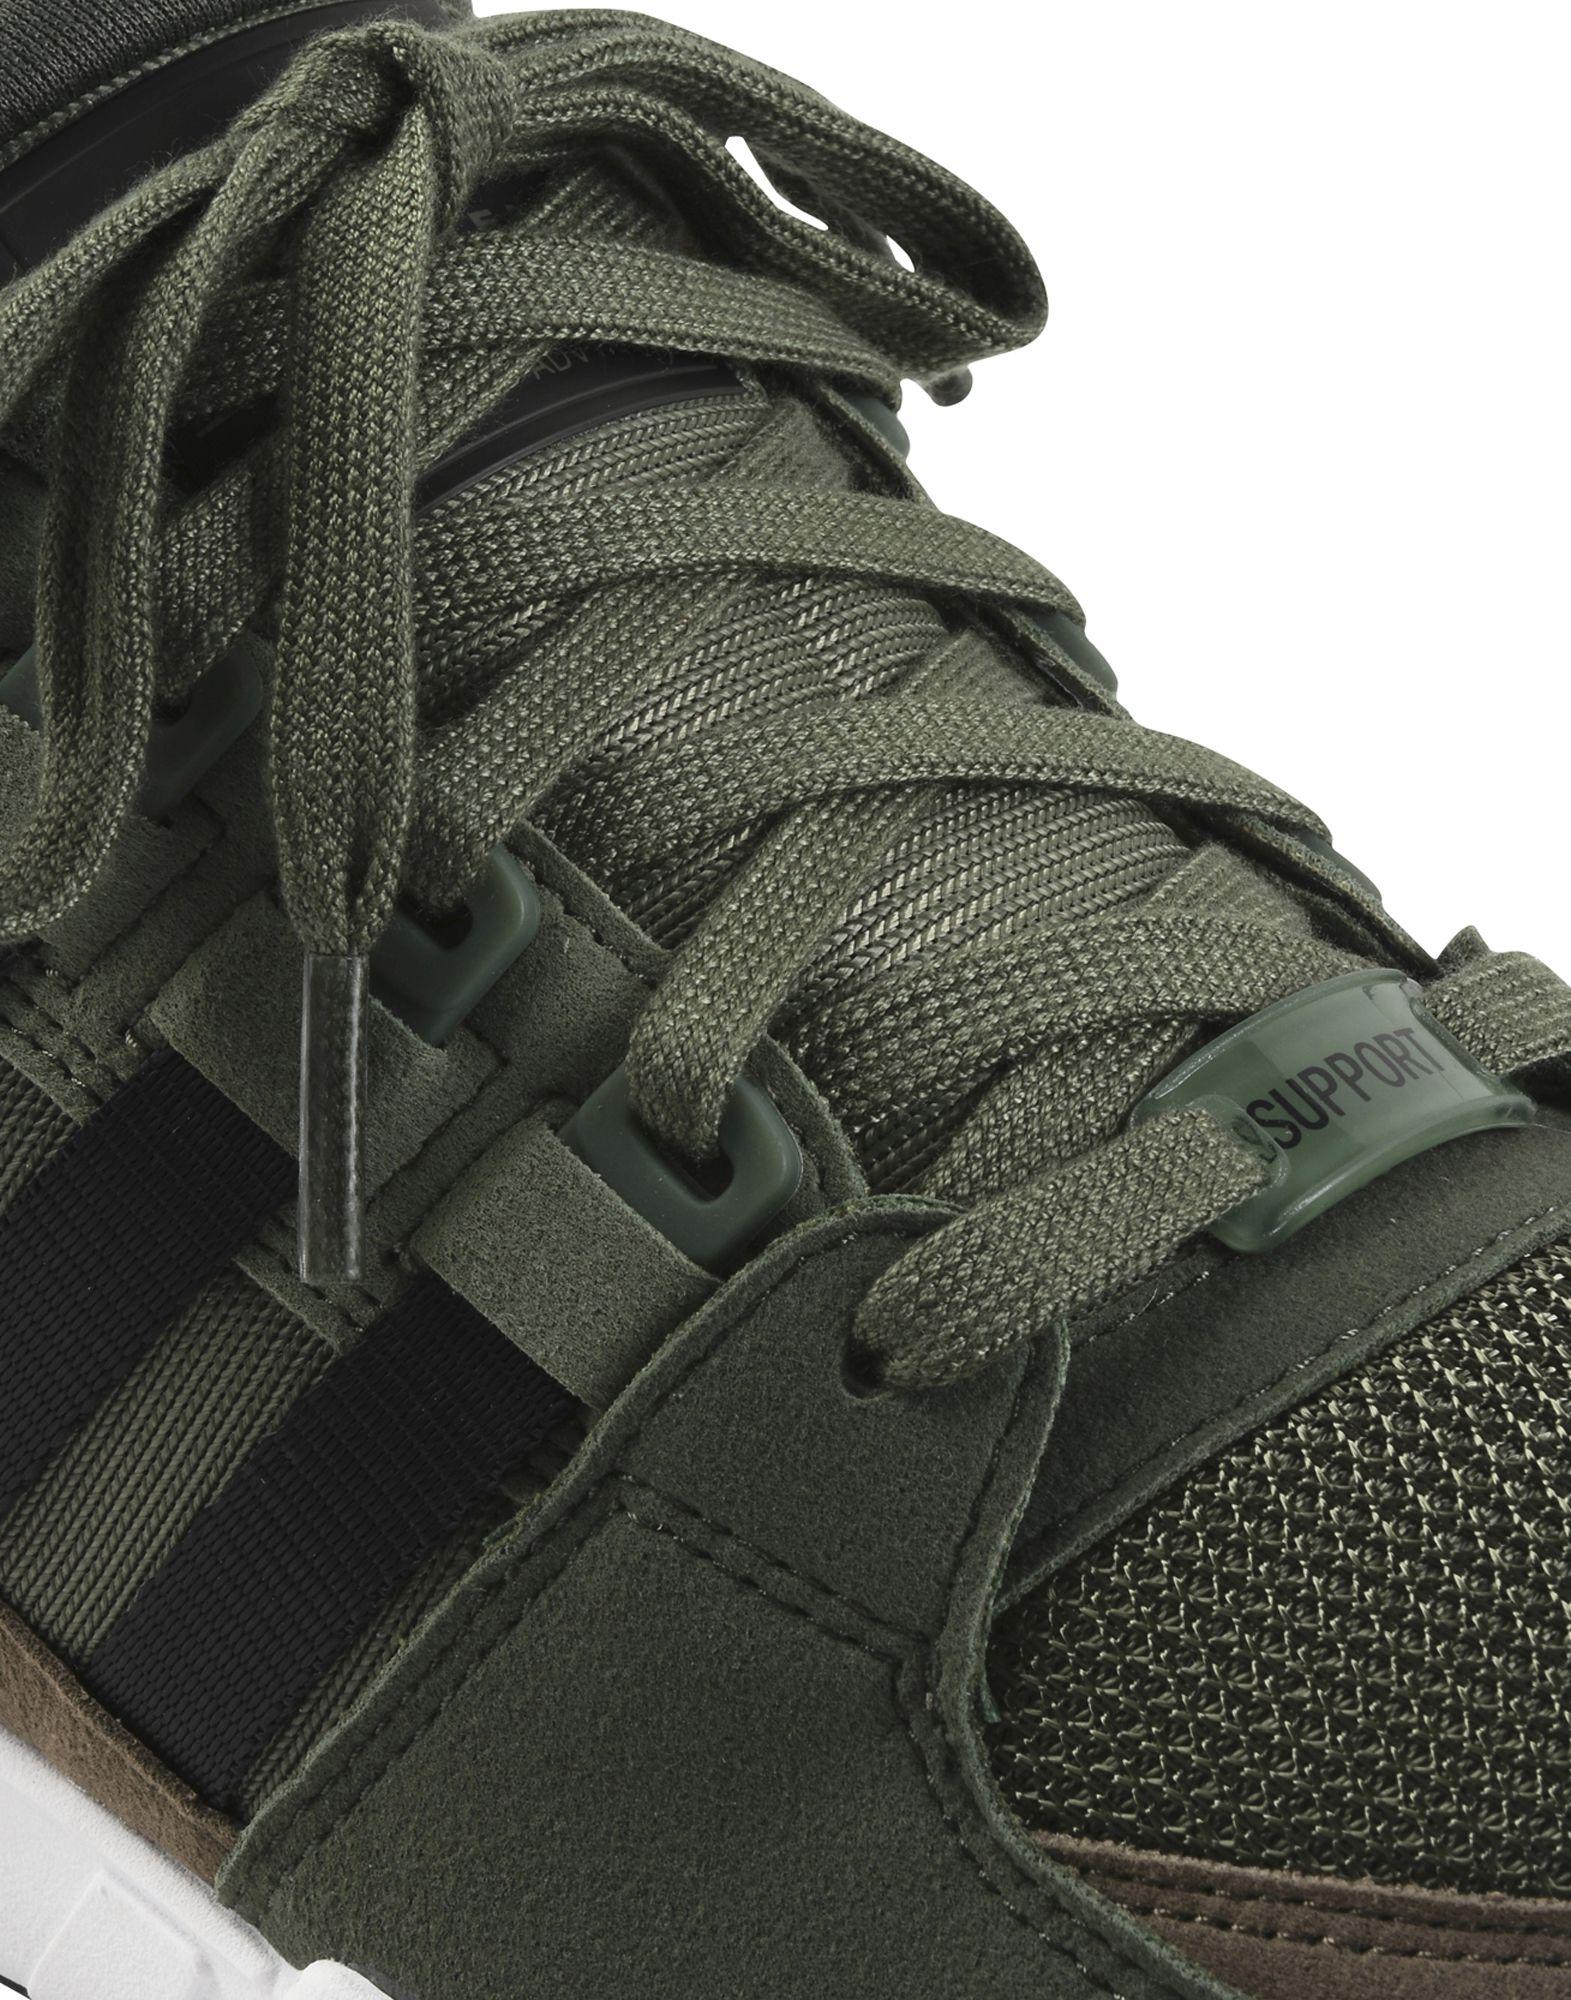 Sneakers Adidas Originals Eqt Support Rf - Homme - Sneakers Adidas Originals sur